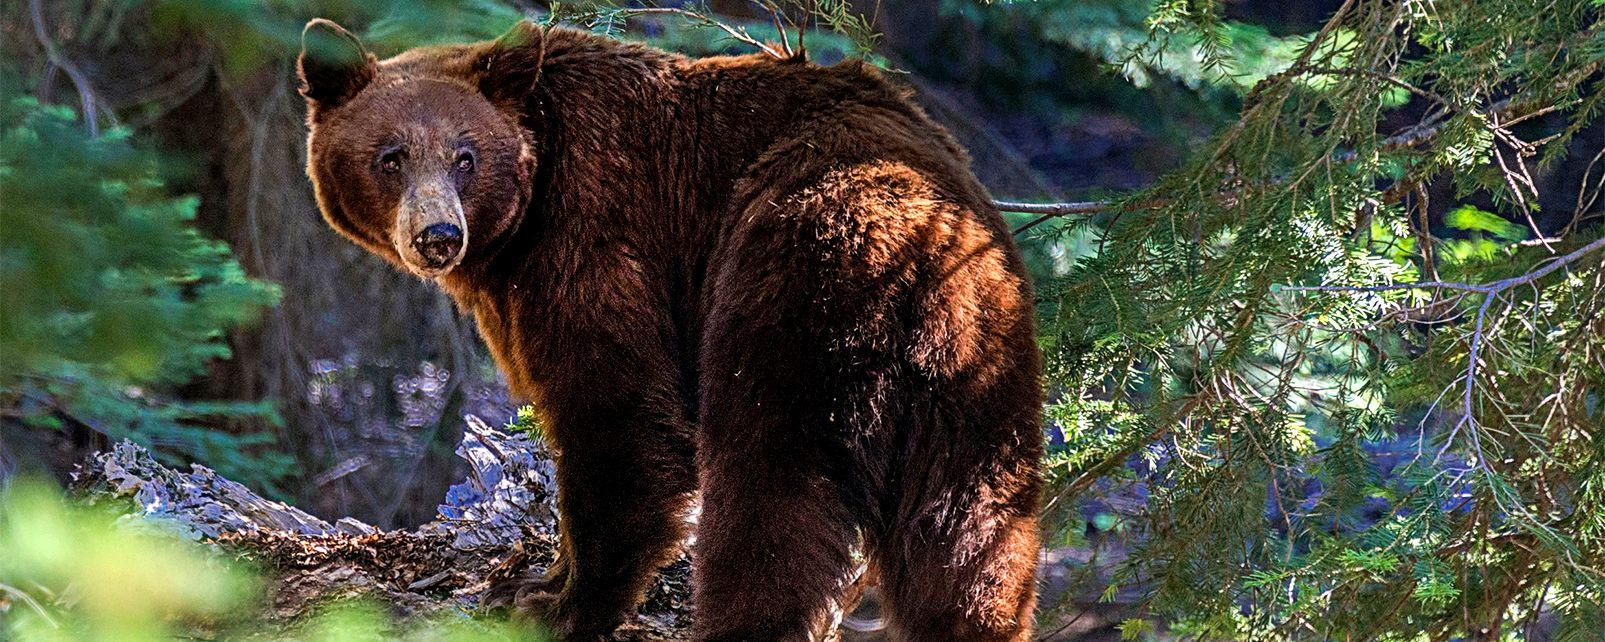 La faune , L'ours brun , Etats-Unis